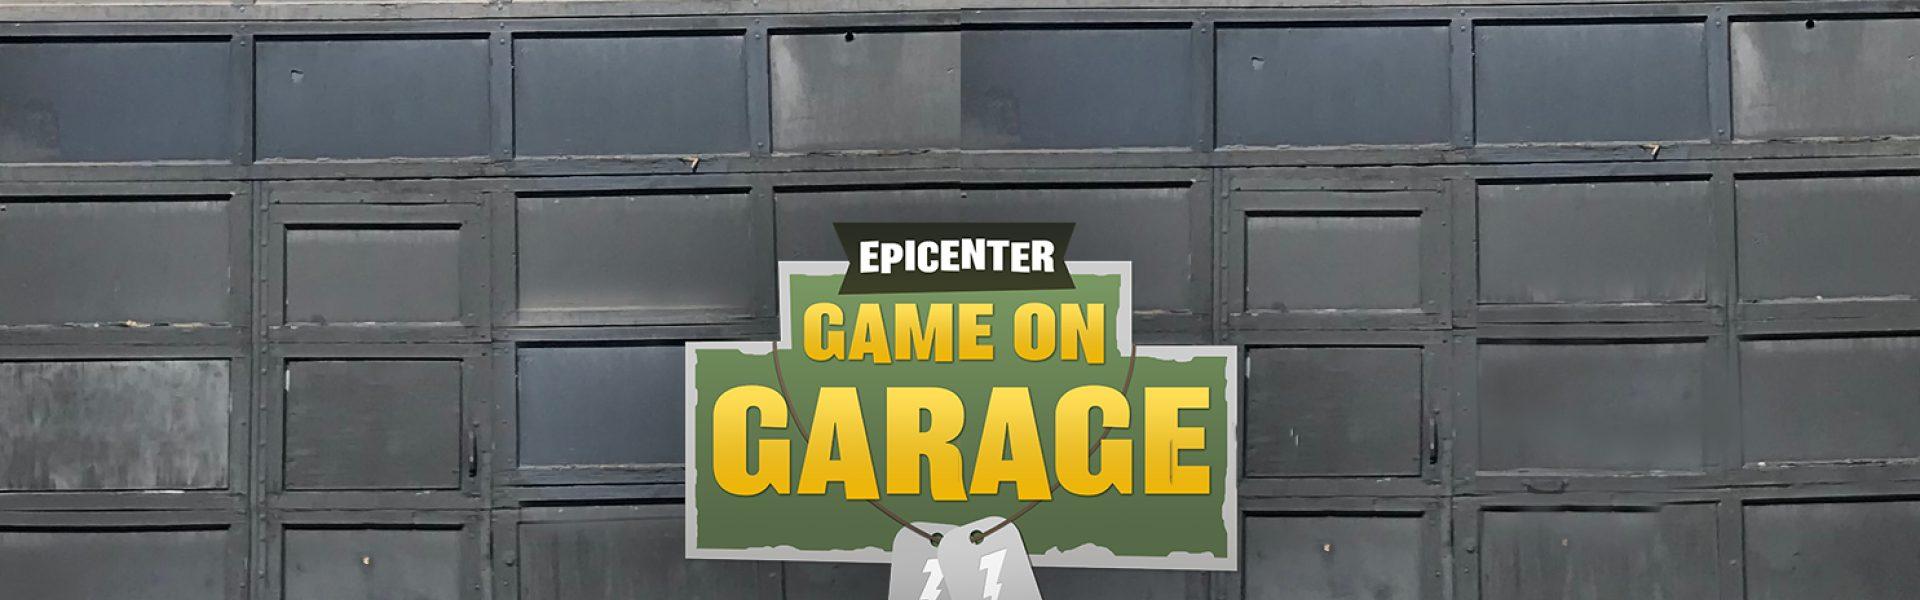 Game On Garage Header 2